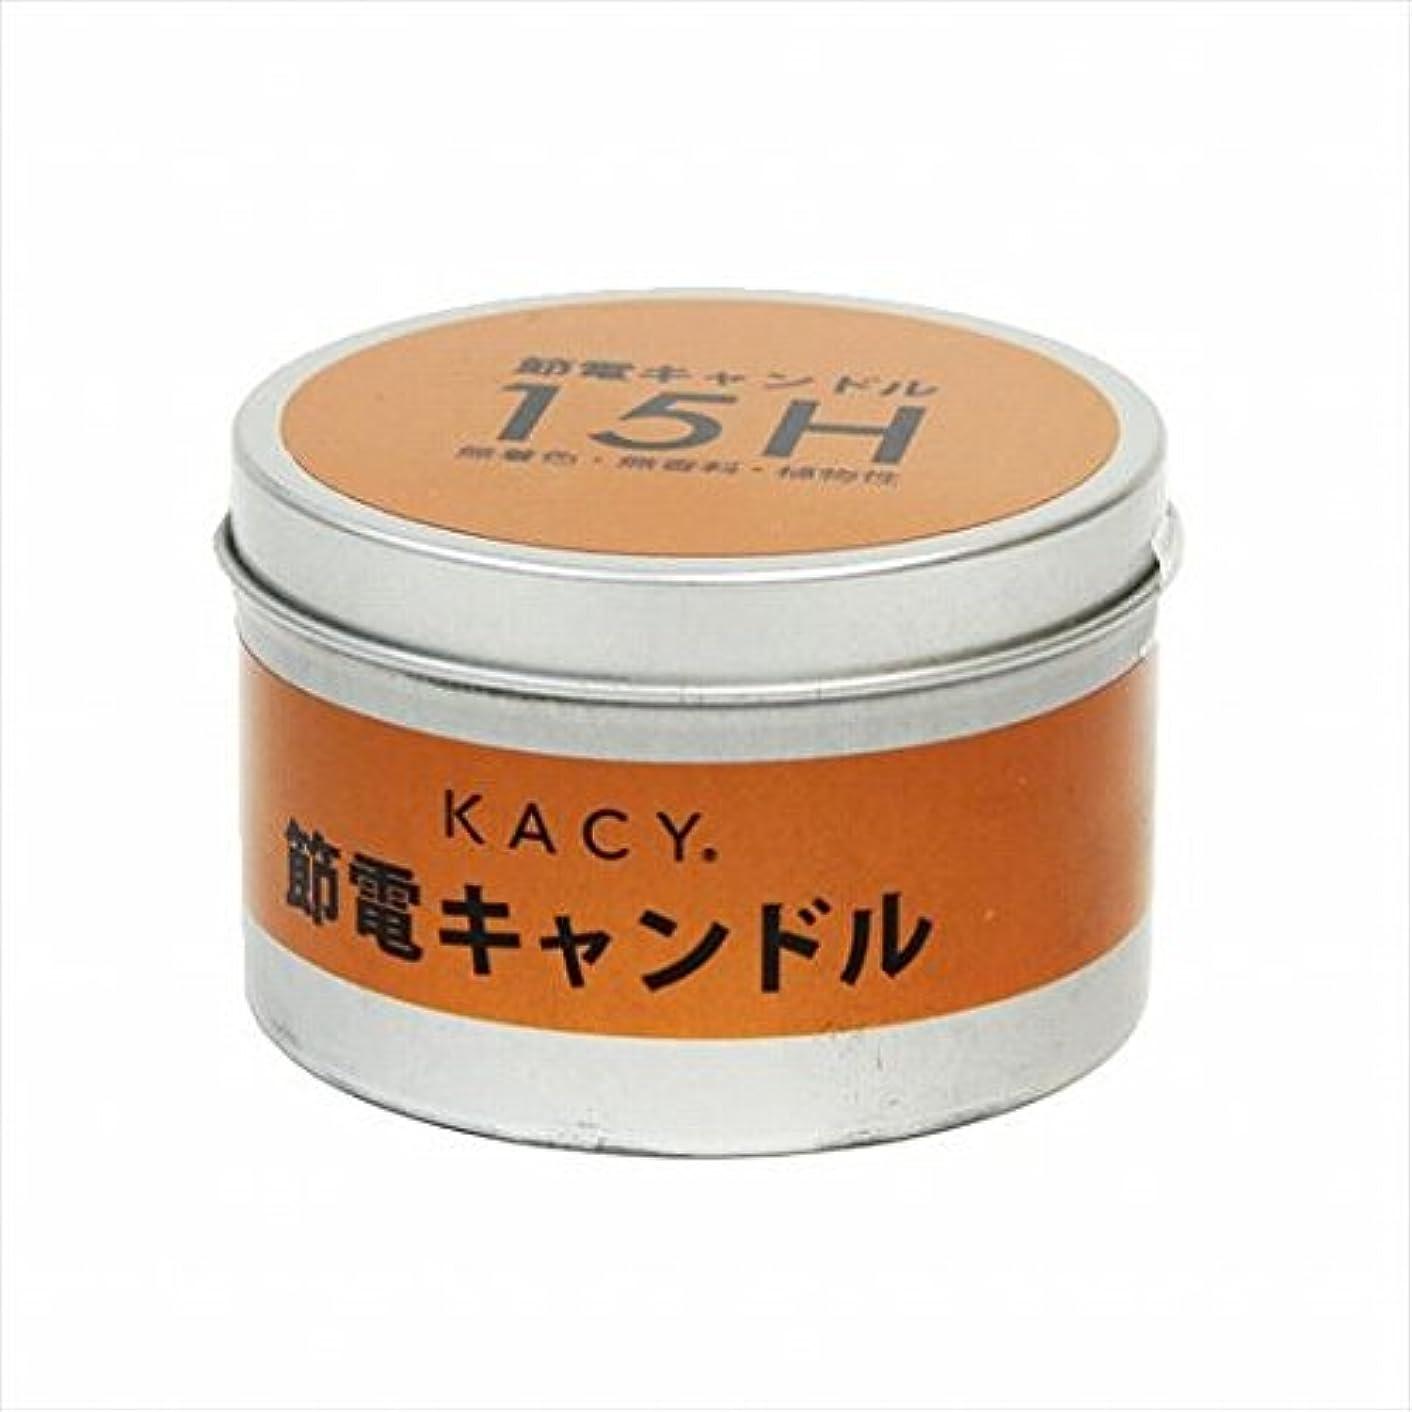 カメヤマキャンドル(kameyama candle) 節電缶キャンドル15時間タイプ